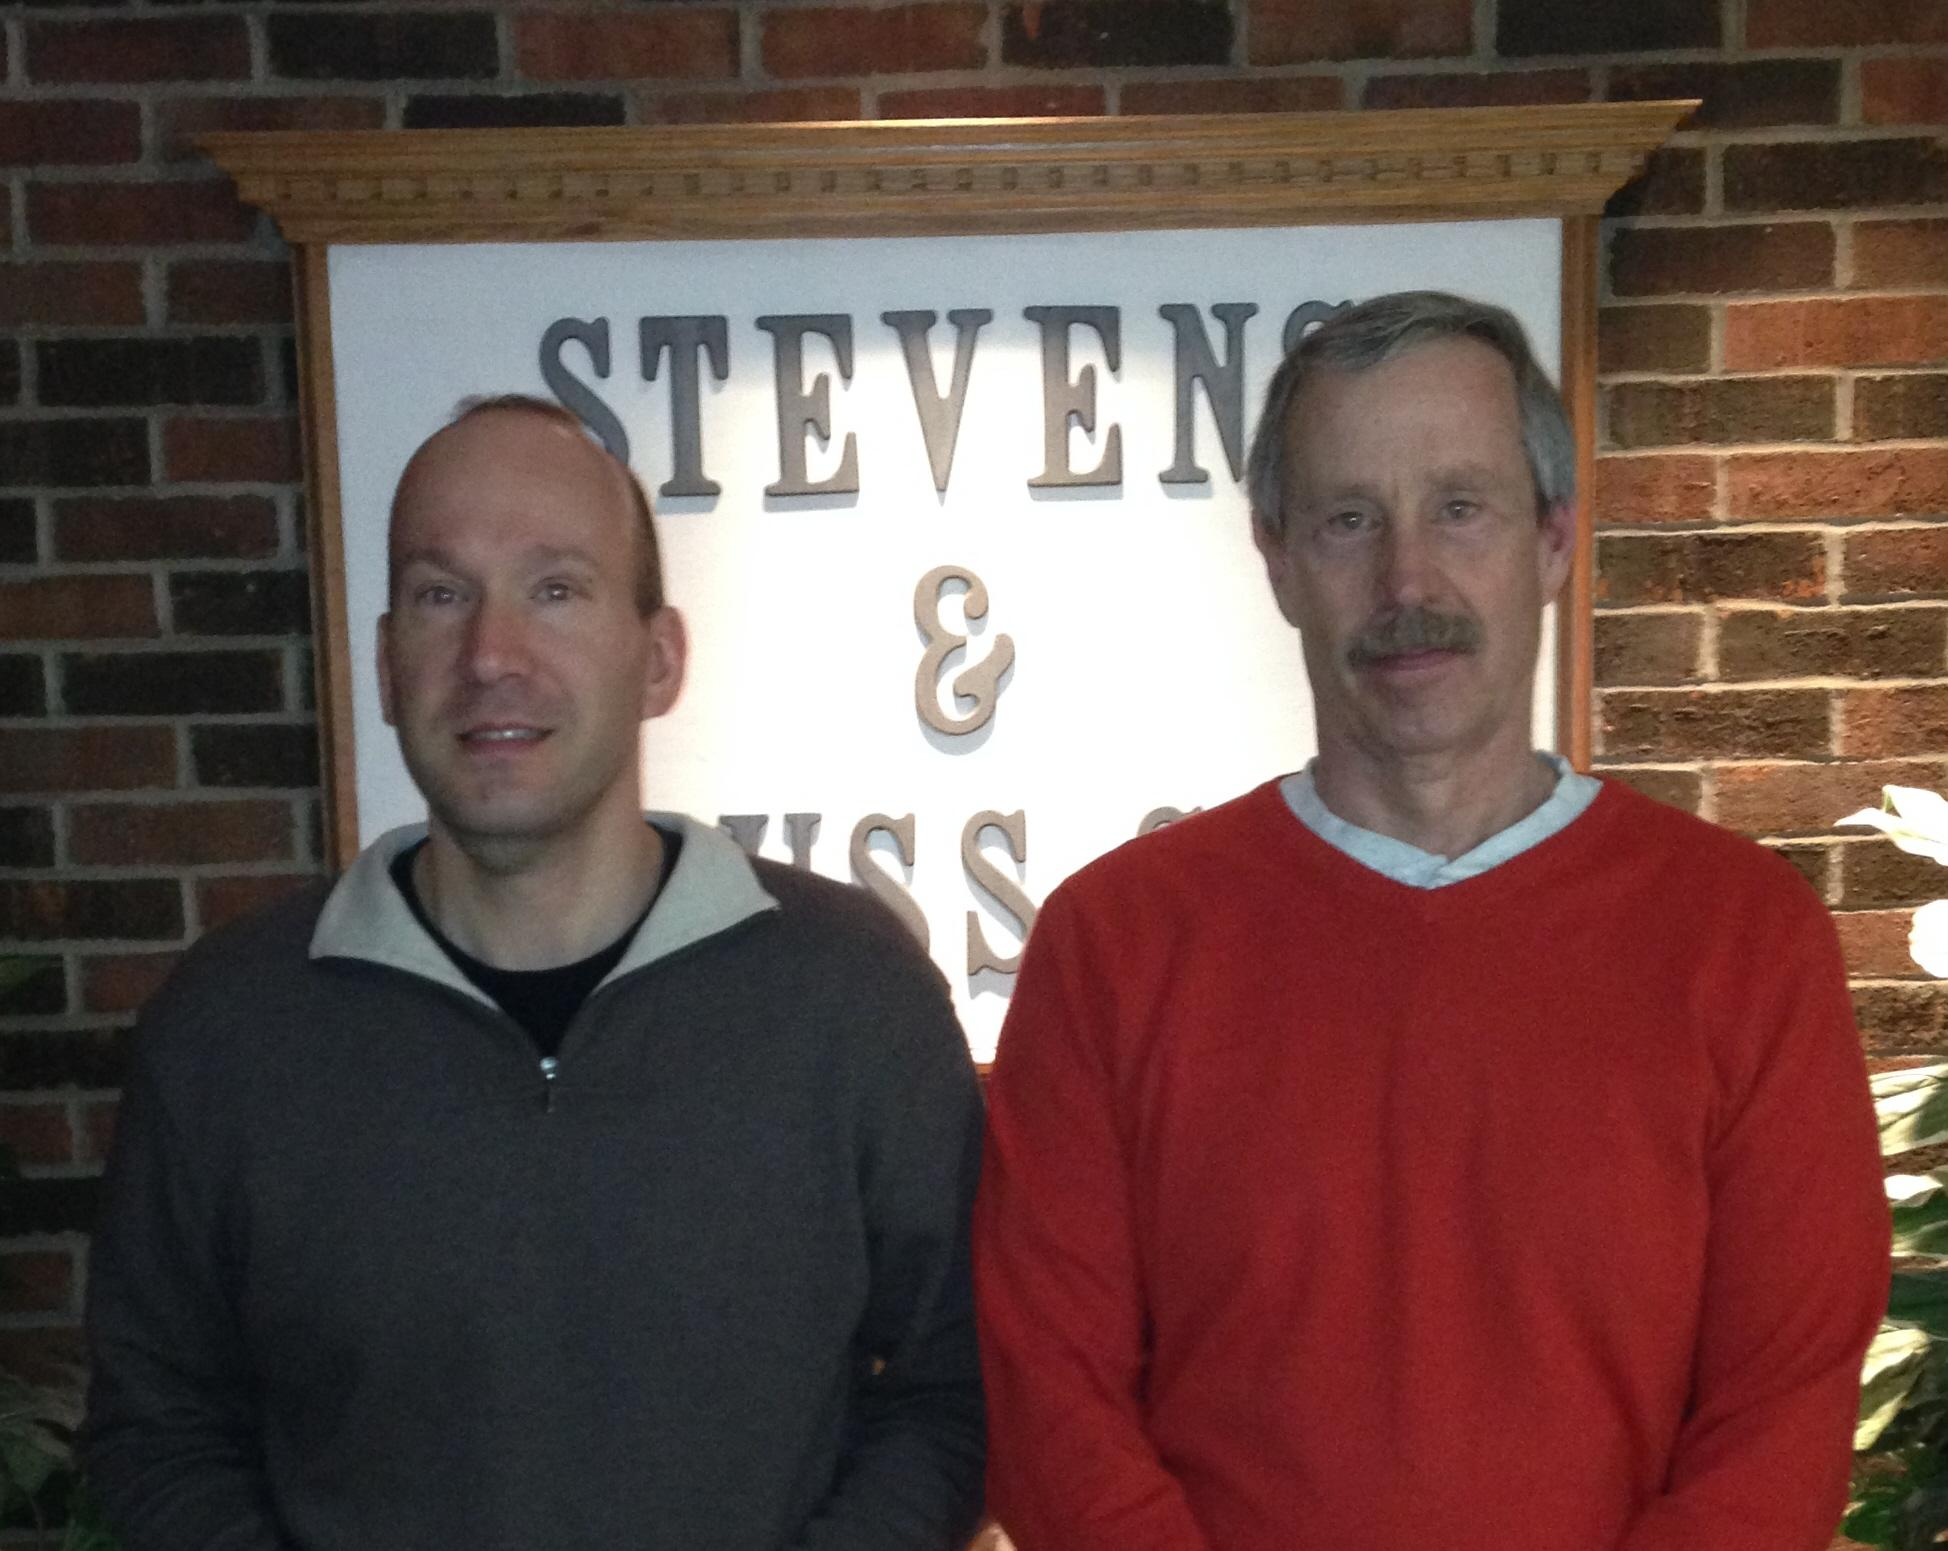 Stevens & Kuss S.C. - ad image